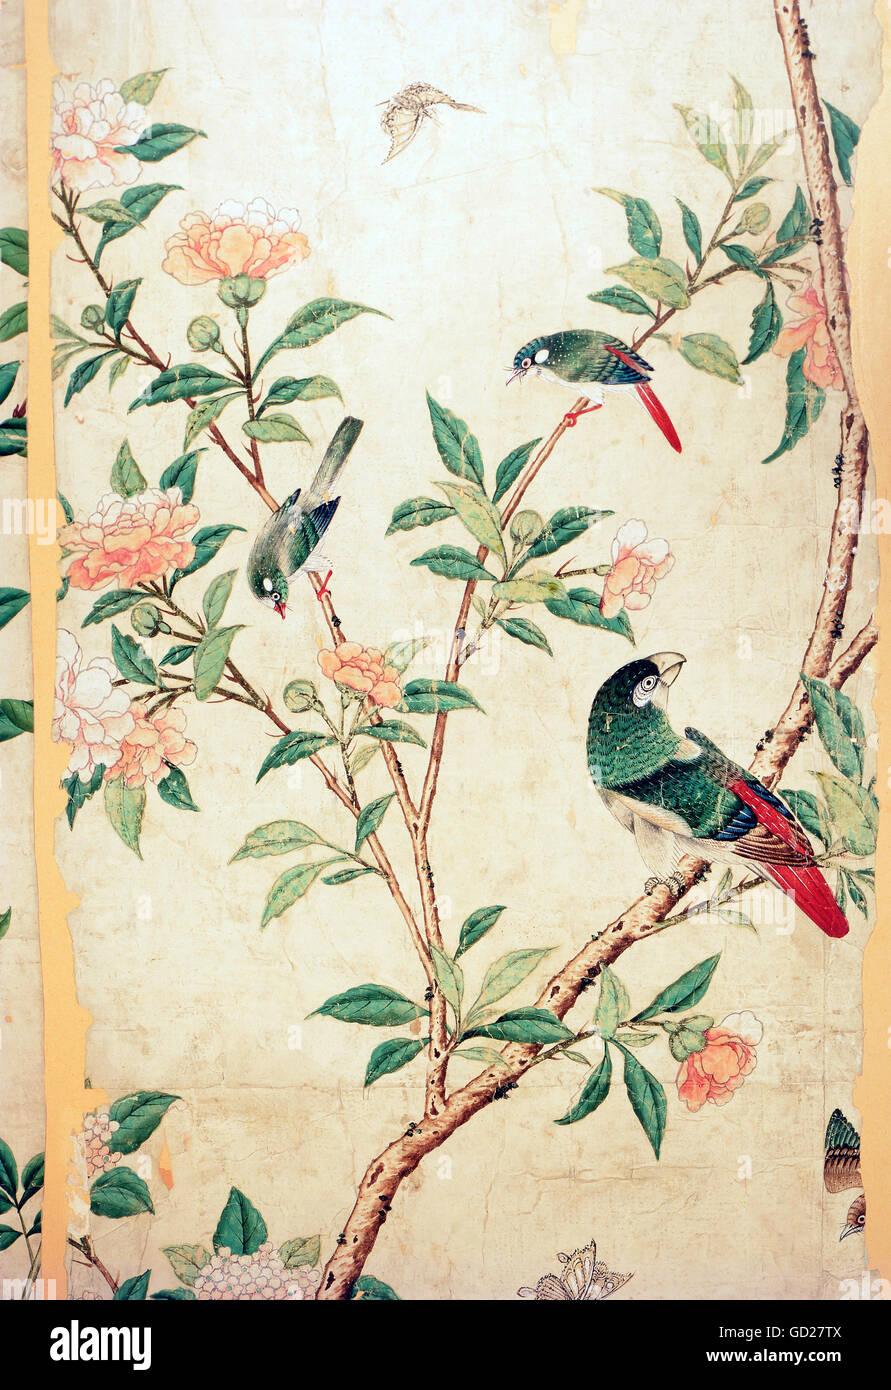 Papier Peint Avec Perroquet beaux-arts, peinture, un perroquet et deux oiseaux chanteurs